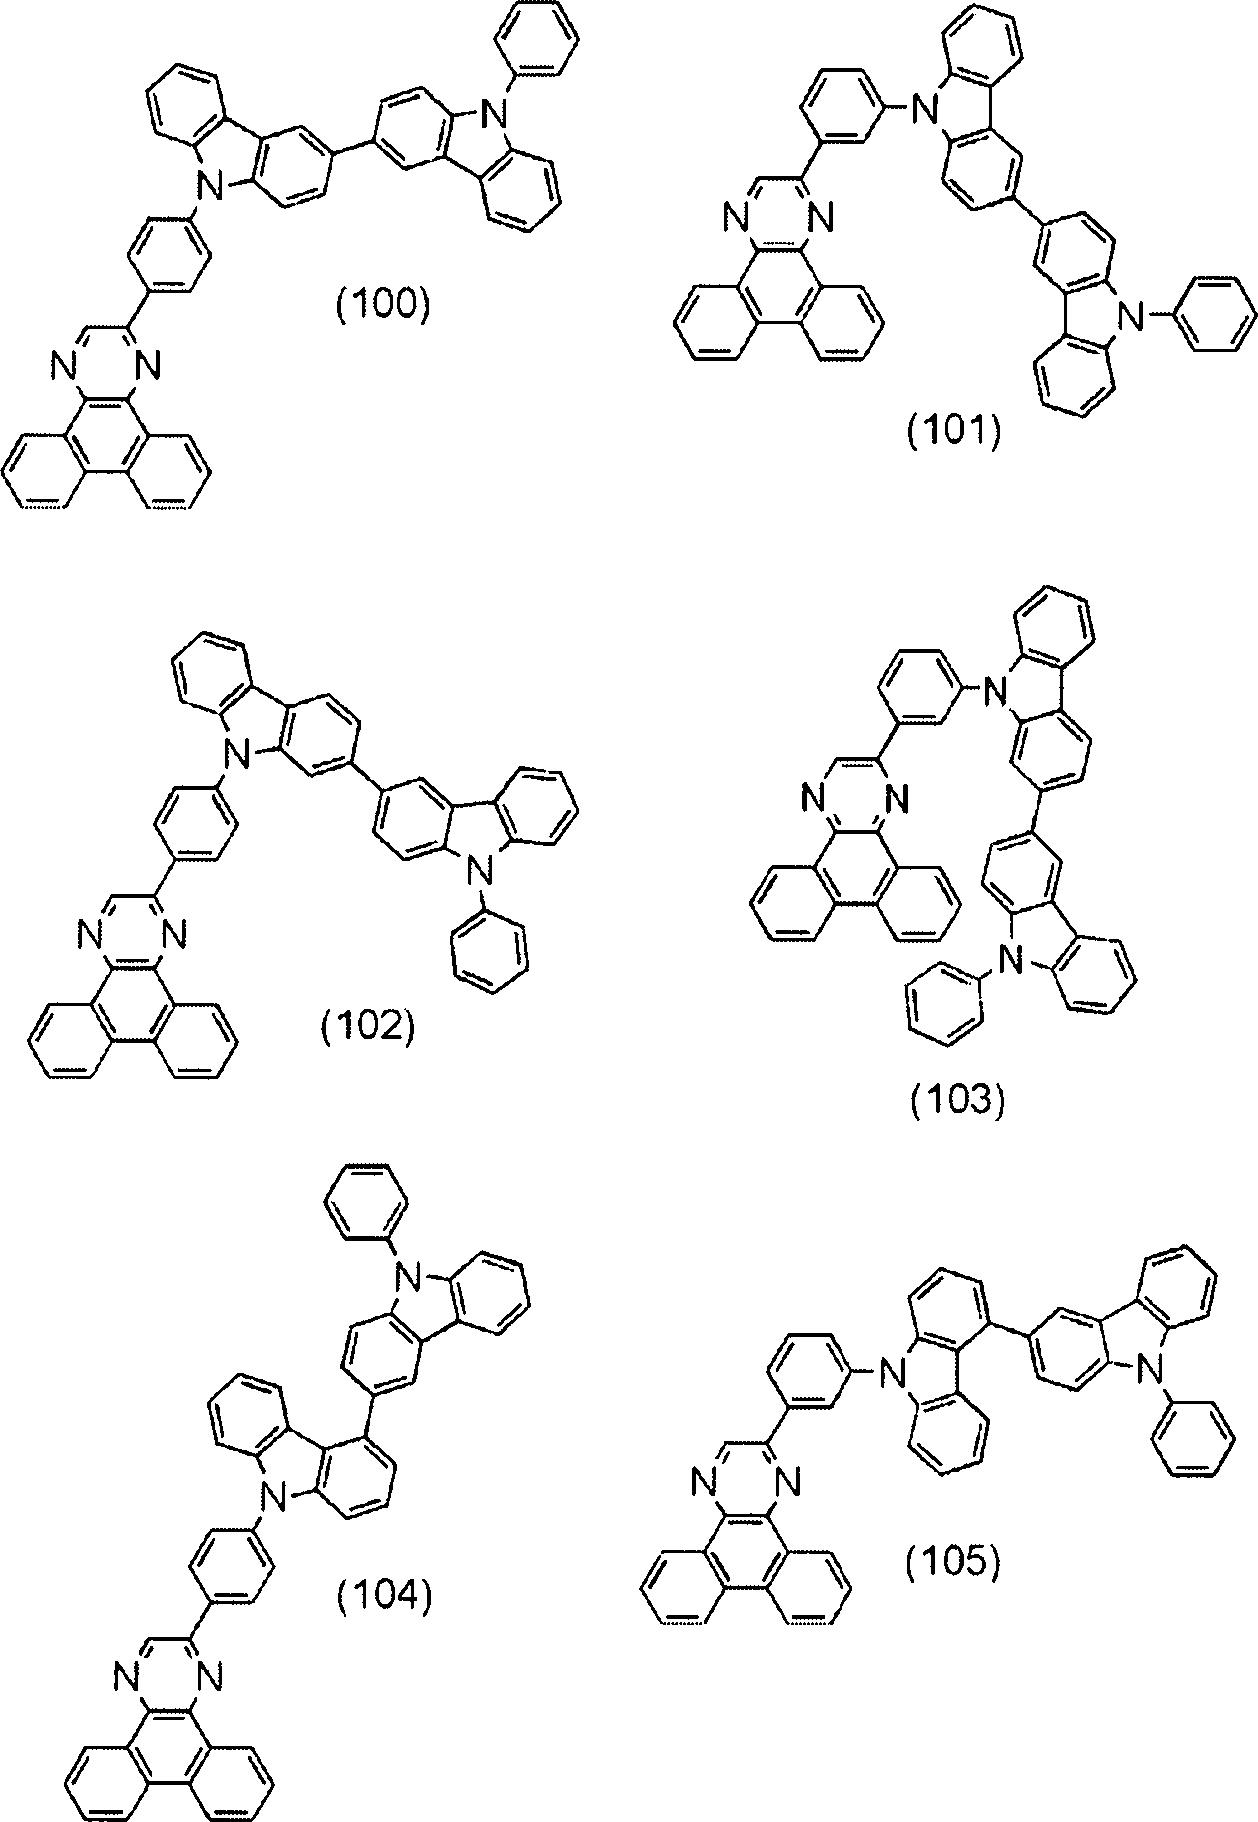 Figure DE102015213426A1_0011